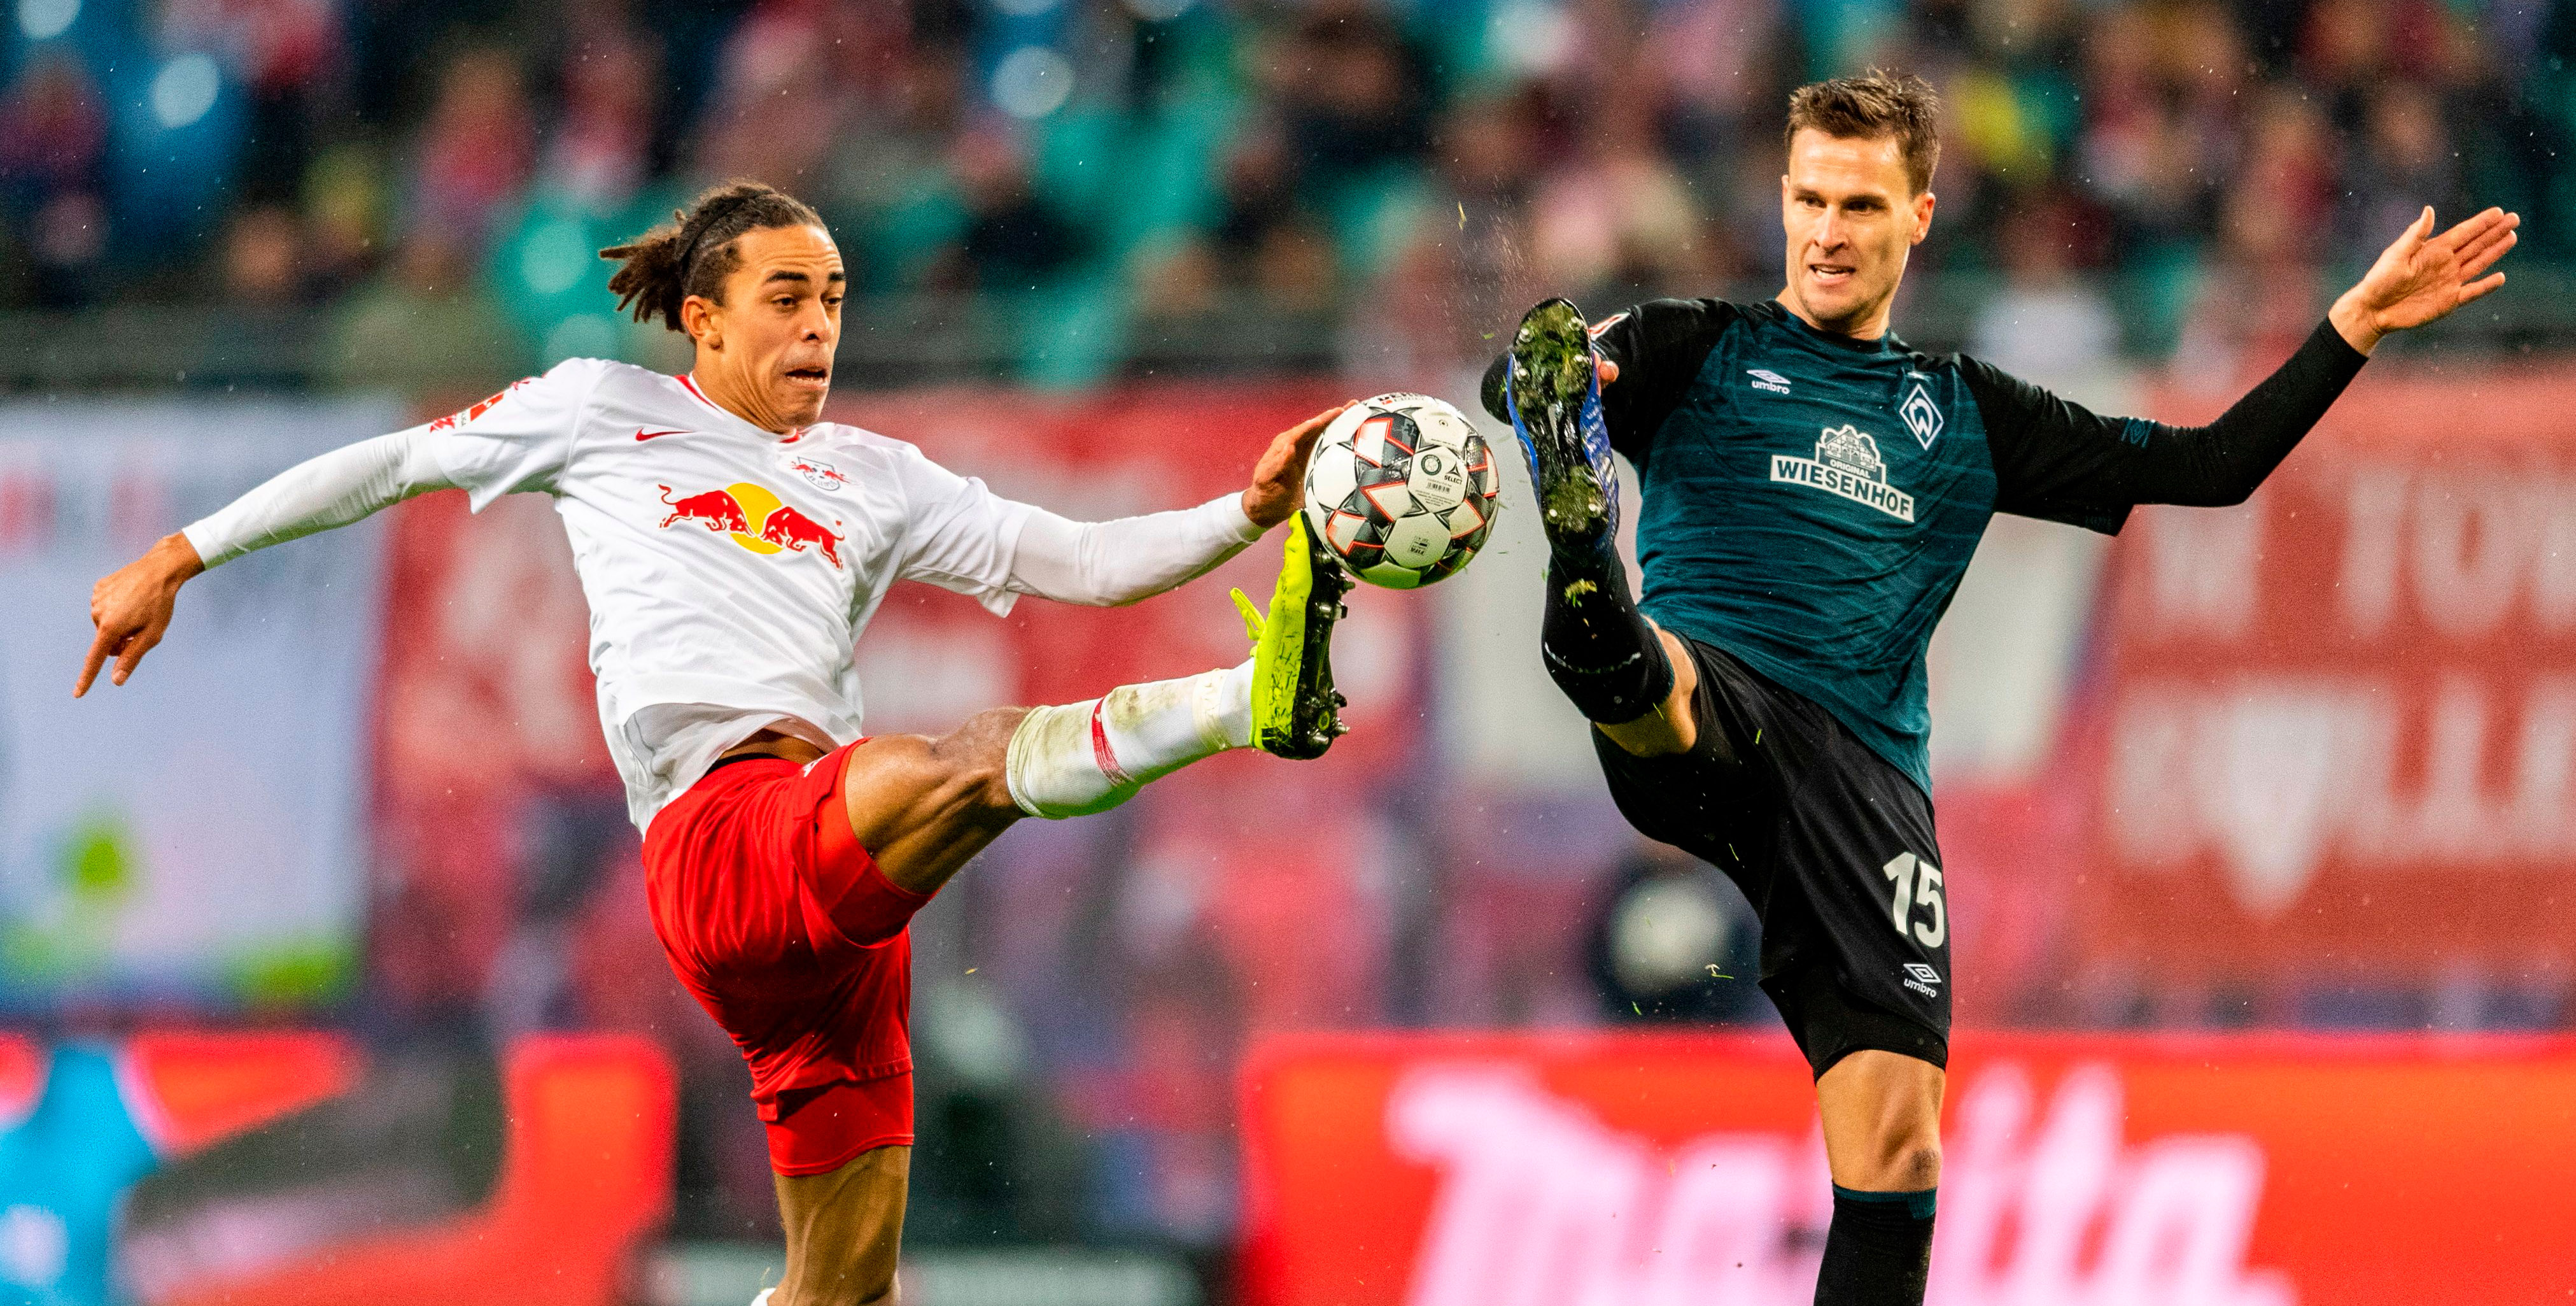 Werder Bremen Statistik